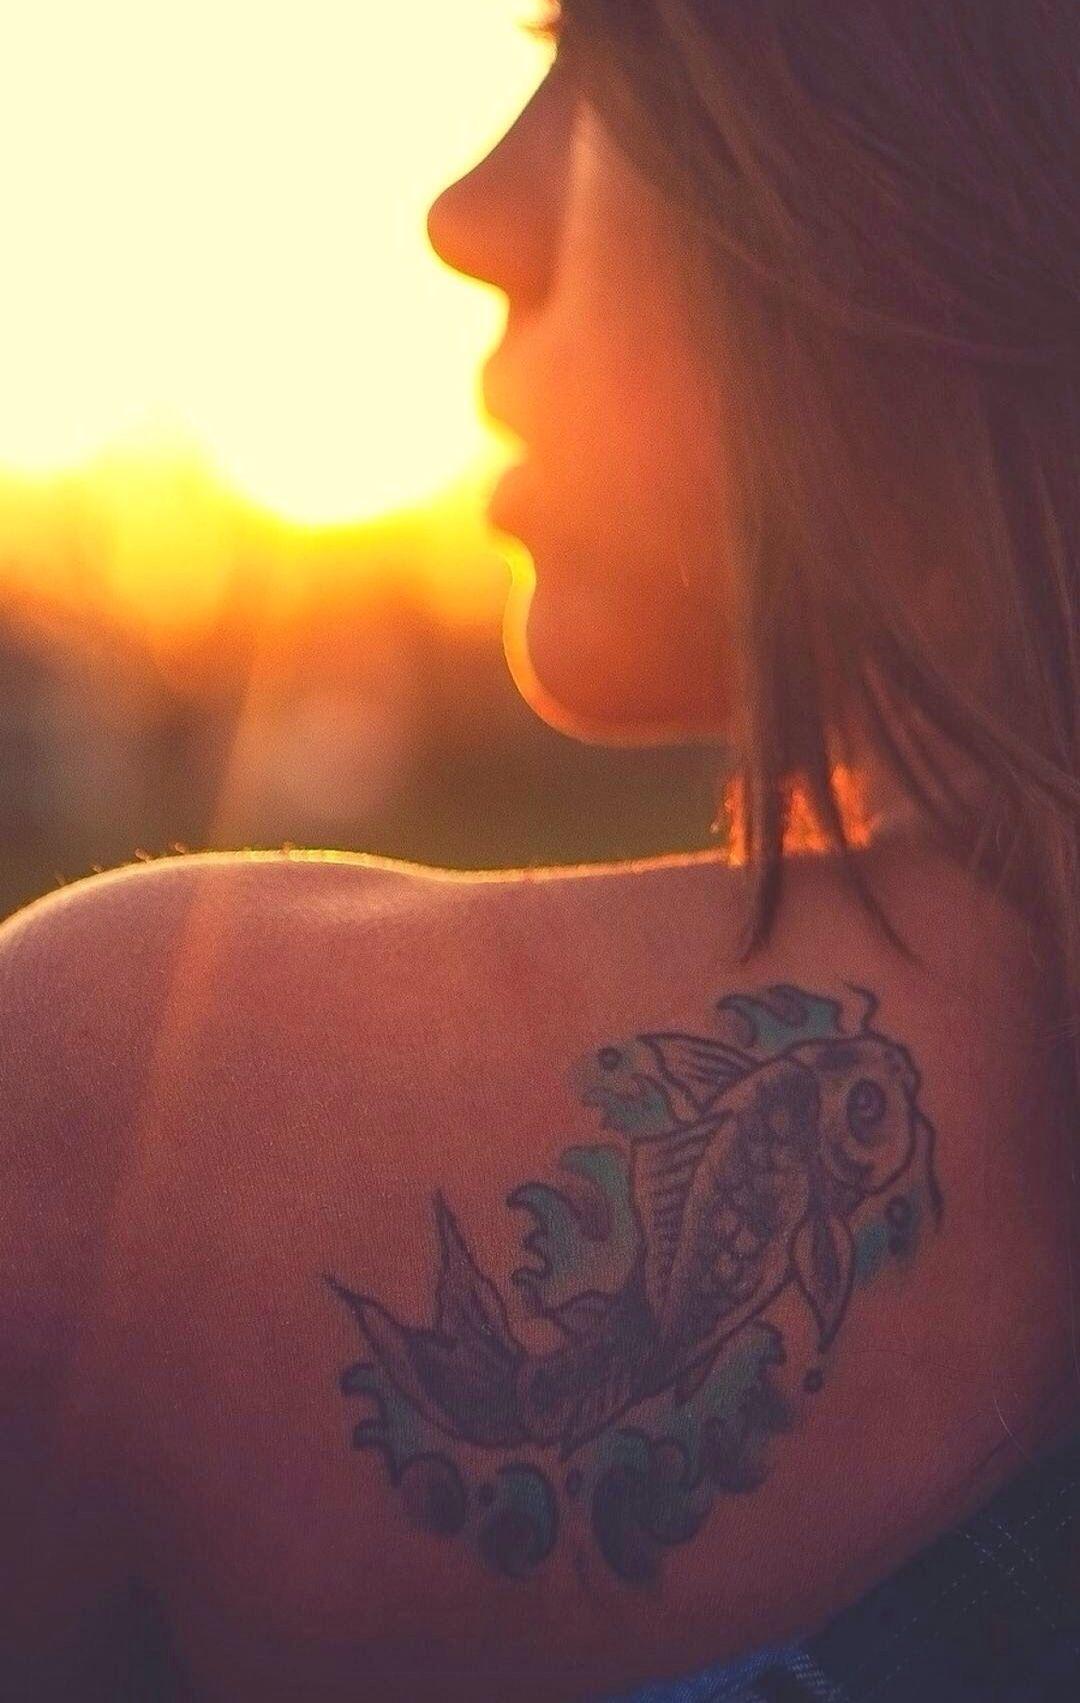 Koi Fish tattoo. | Tattoos | Pinterest | Koi fish tattoo, Fish ...